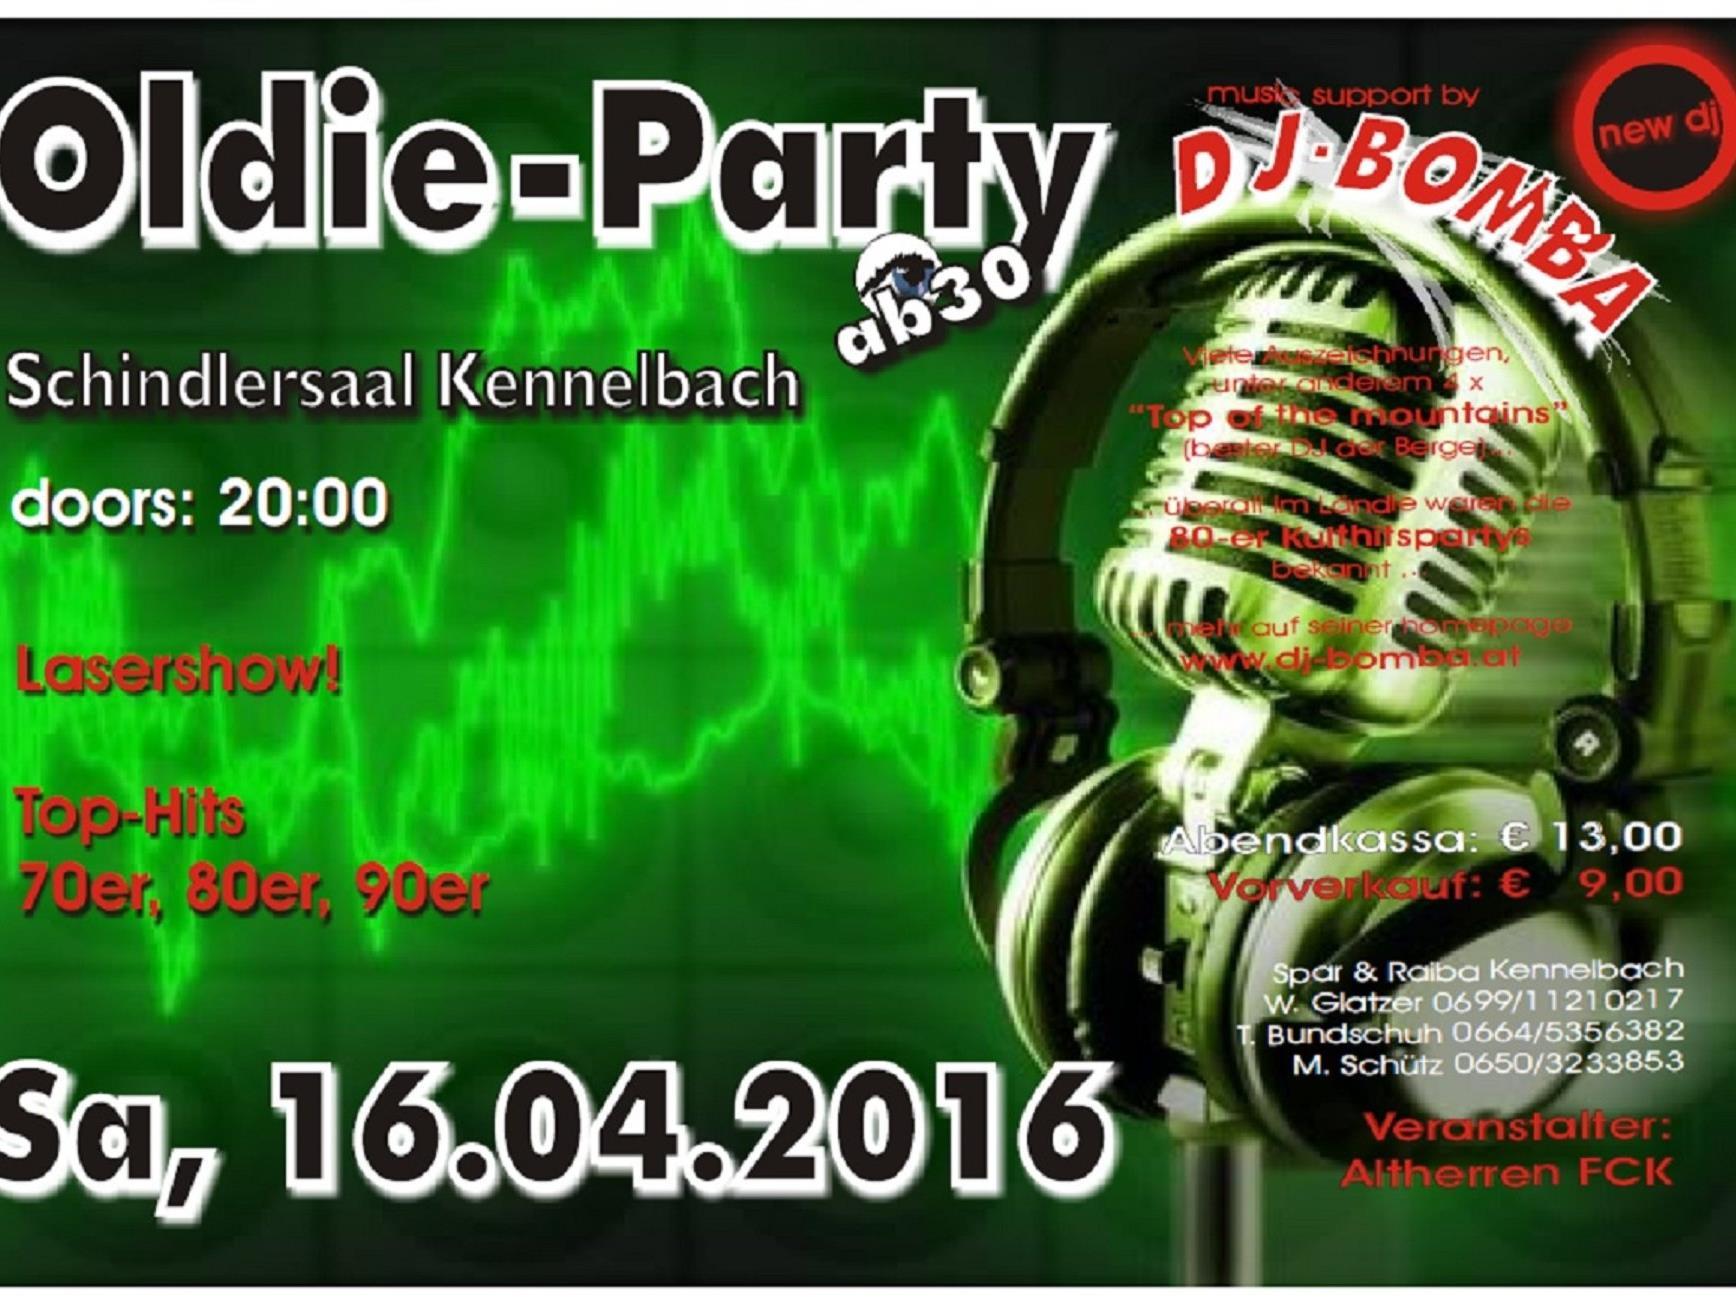 Oldie Party 2016